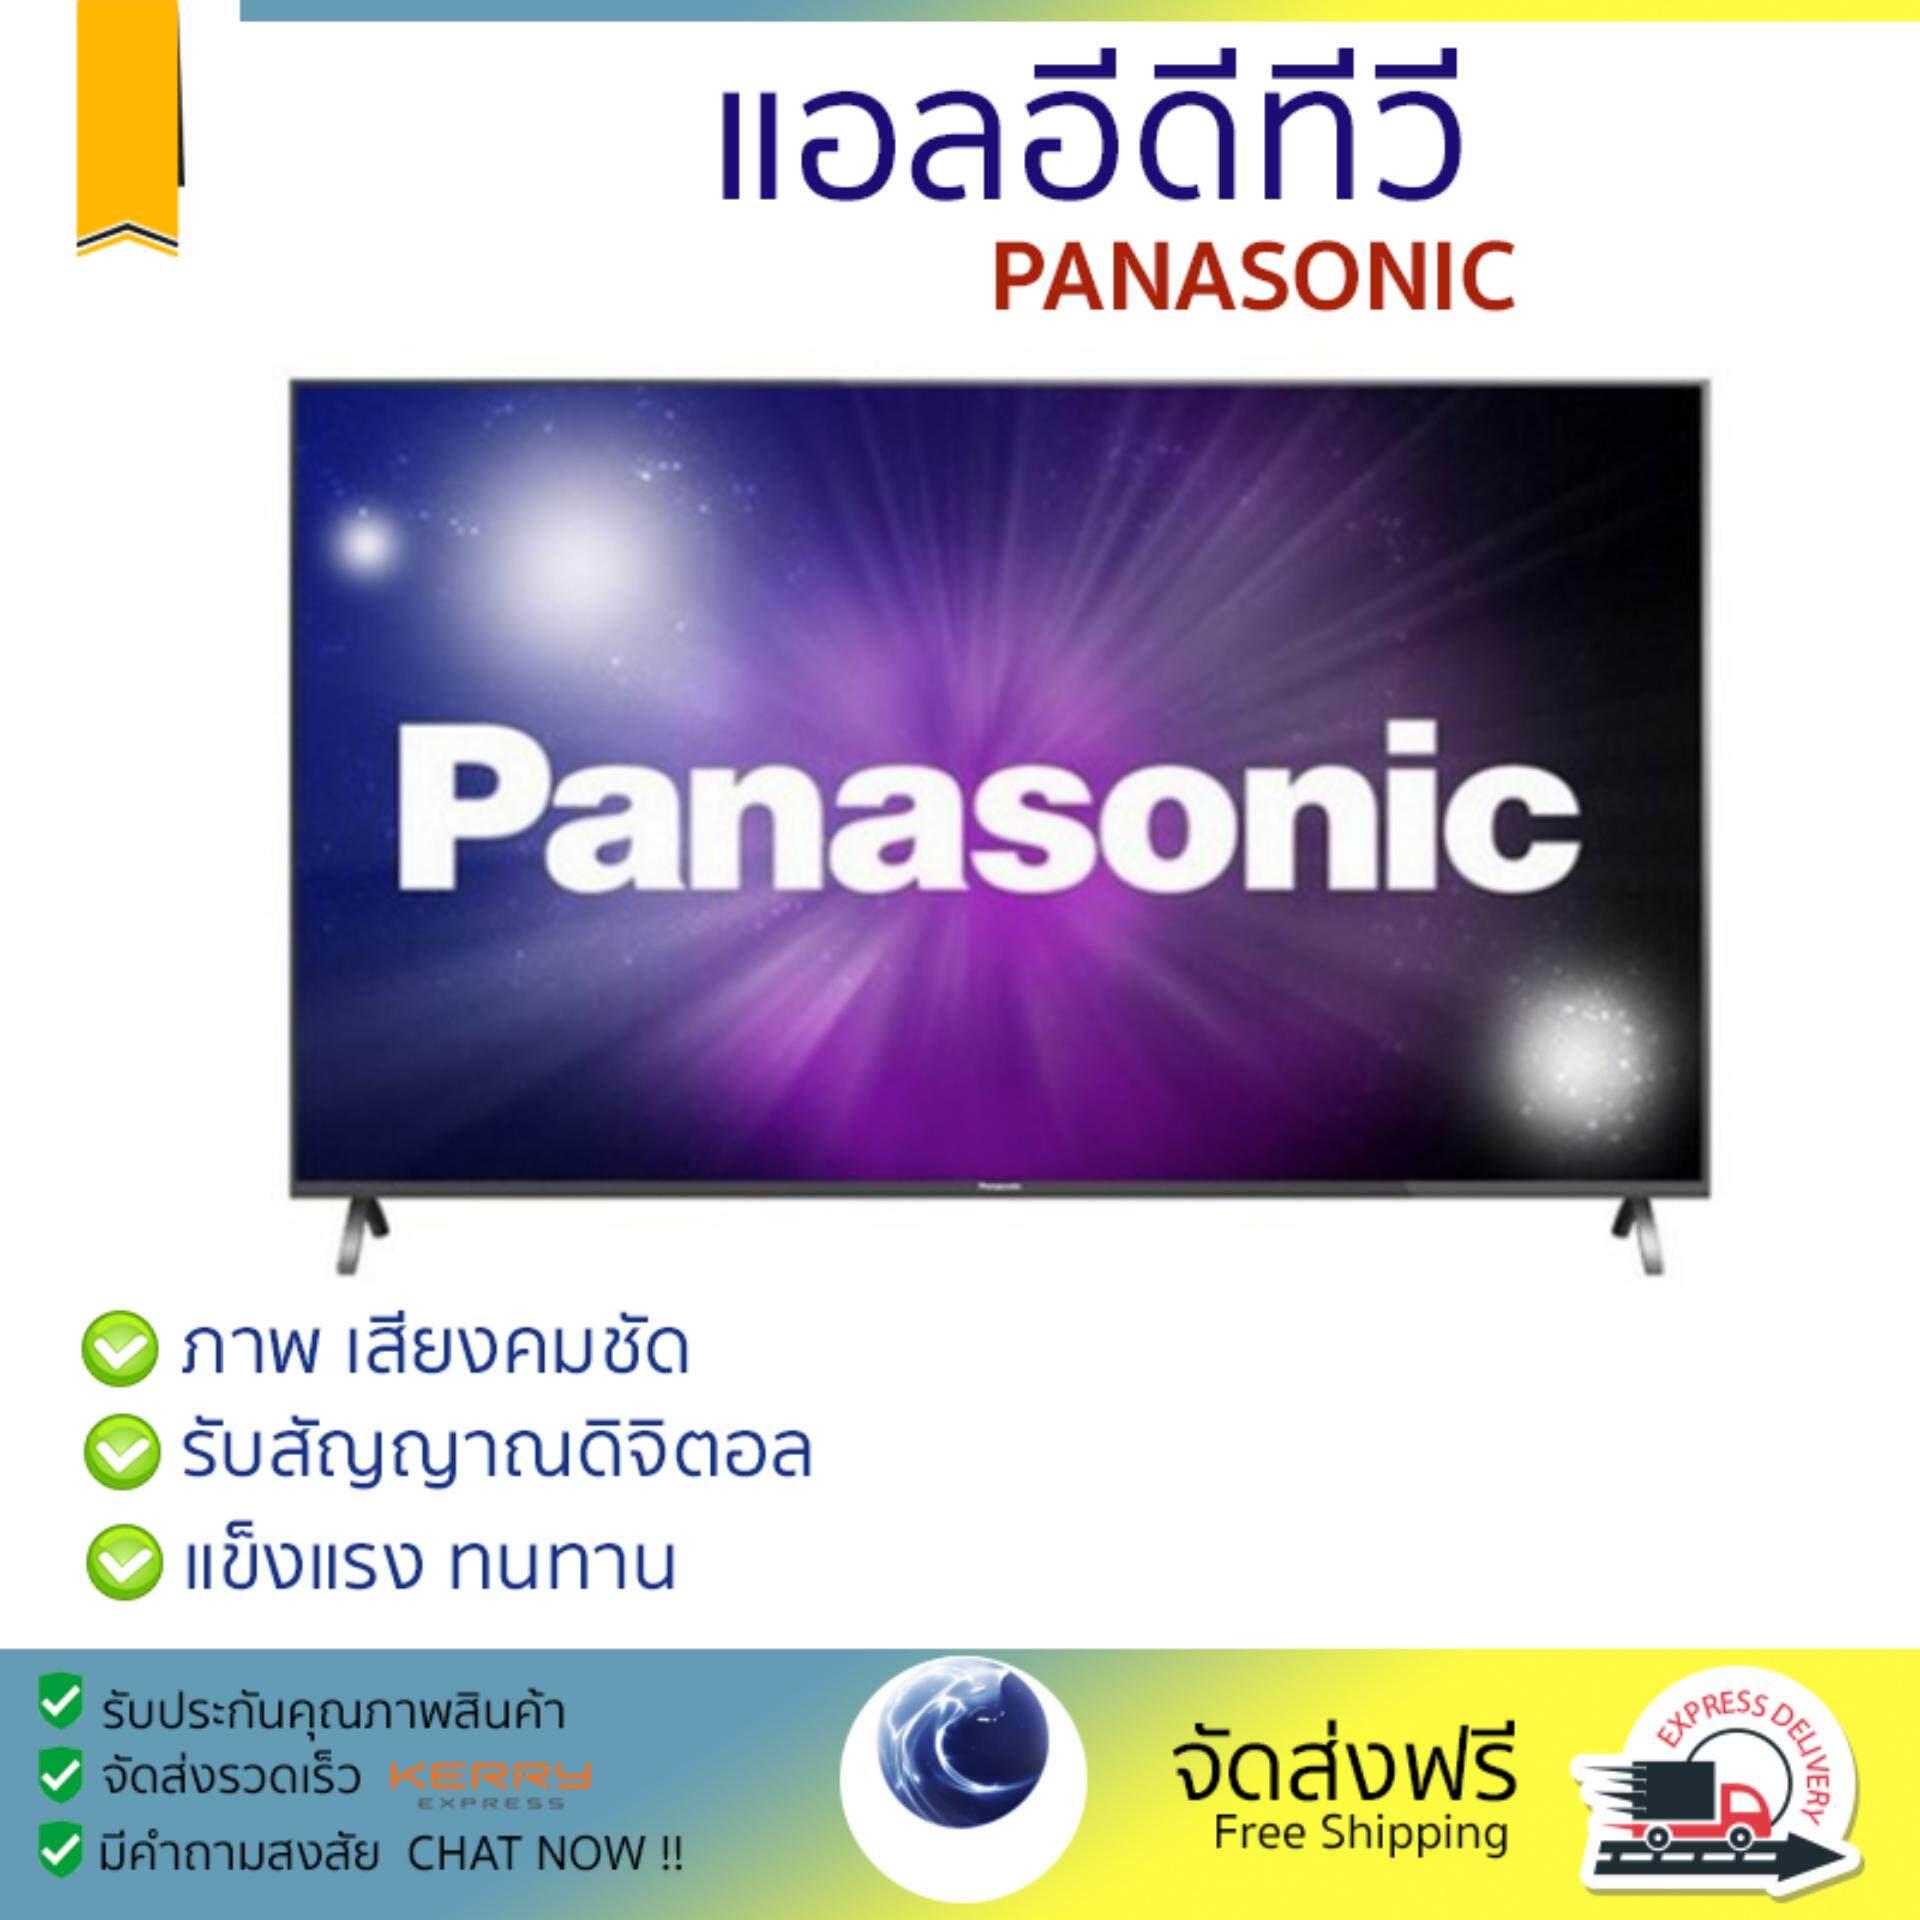 ราคาพิเศษ ทีวี LED TV  แอลอีดีทีวี 49นิ้ว FLAT PANASONIC TH-49FX700T - PANASONIC - TH-49FX700T รุ่นใหม่ล่าสุด ภาพคมชัดมาก เสียงดังสมจริง ติดตั้งง่าย ใช้งานได้ทันที Televisons จัดส่งฟรี ทั่วประเทศ